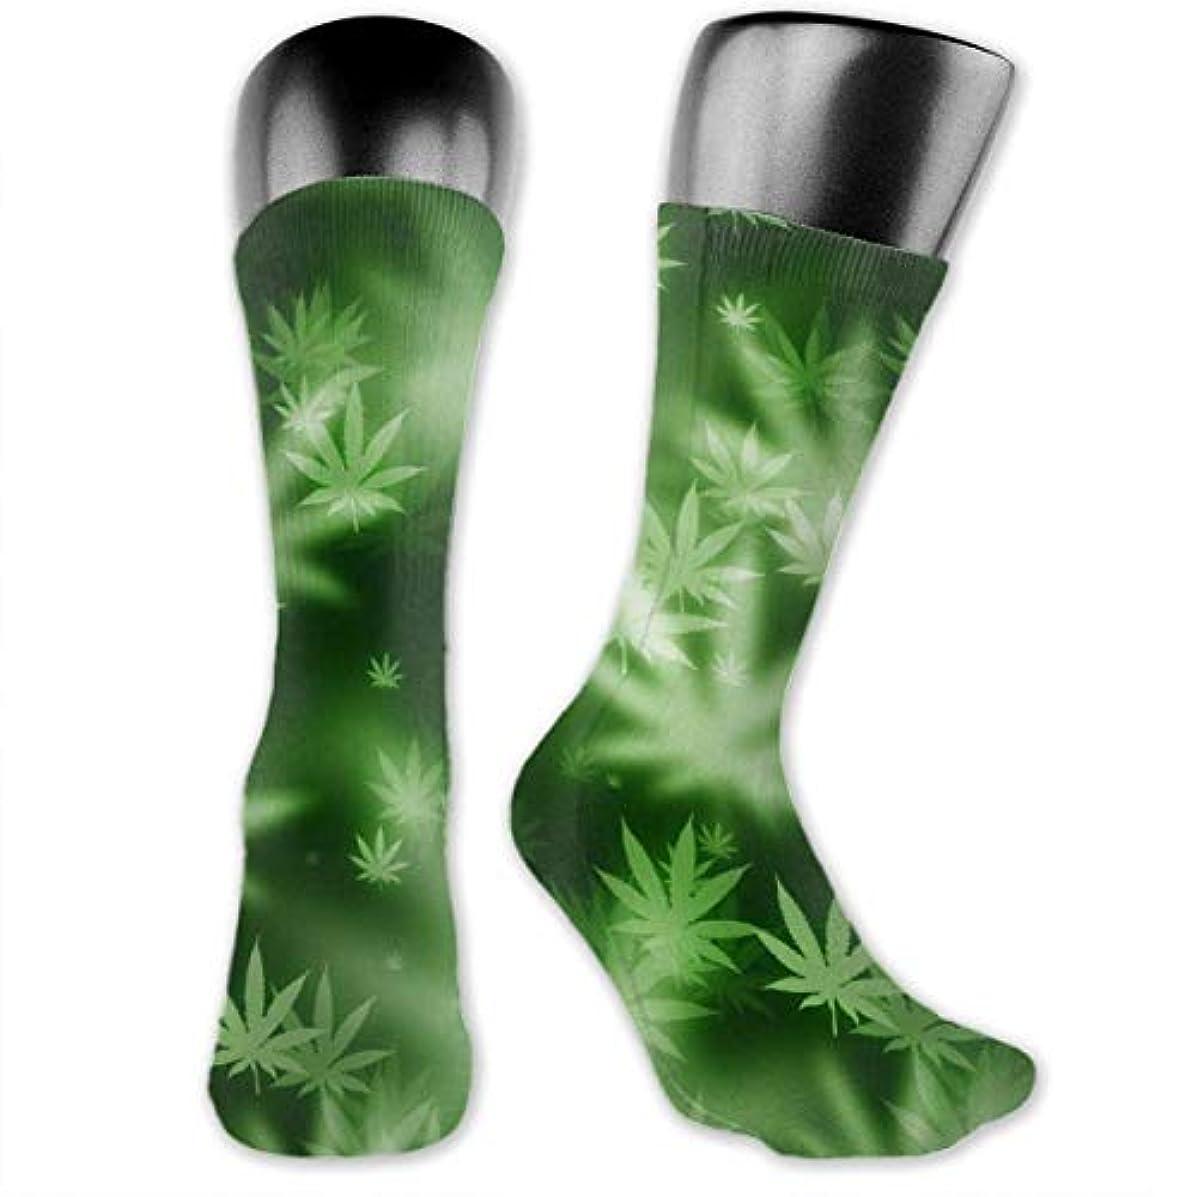 ワイド剪断壁紙MKLOS 通気性 圧縮ソックス Breathable Extra Long Cotton Thigh High Barber Tool and Flag Socks Over Exotic Psychedelic Print...